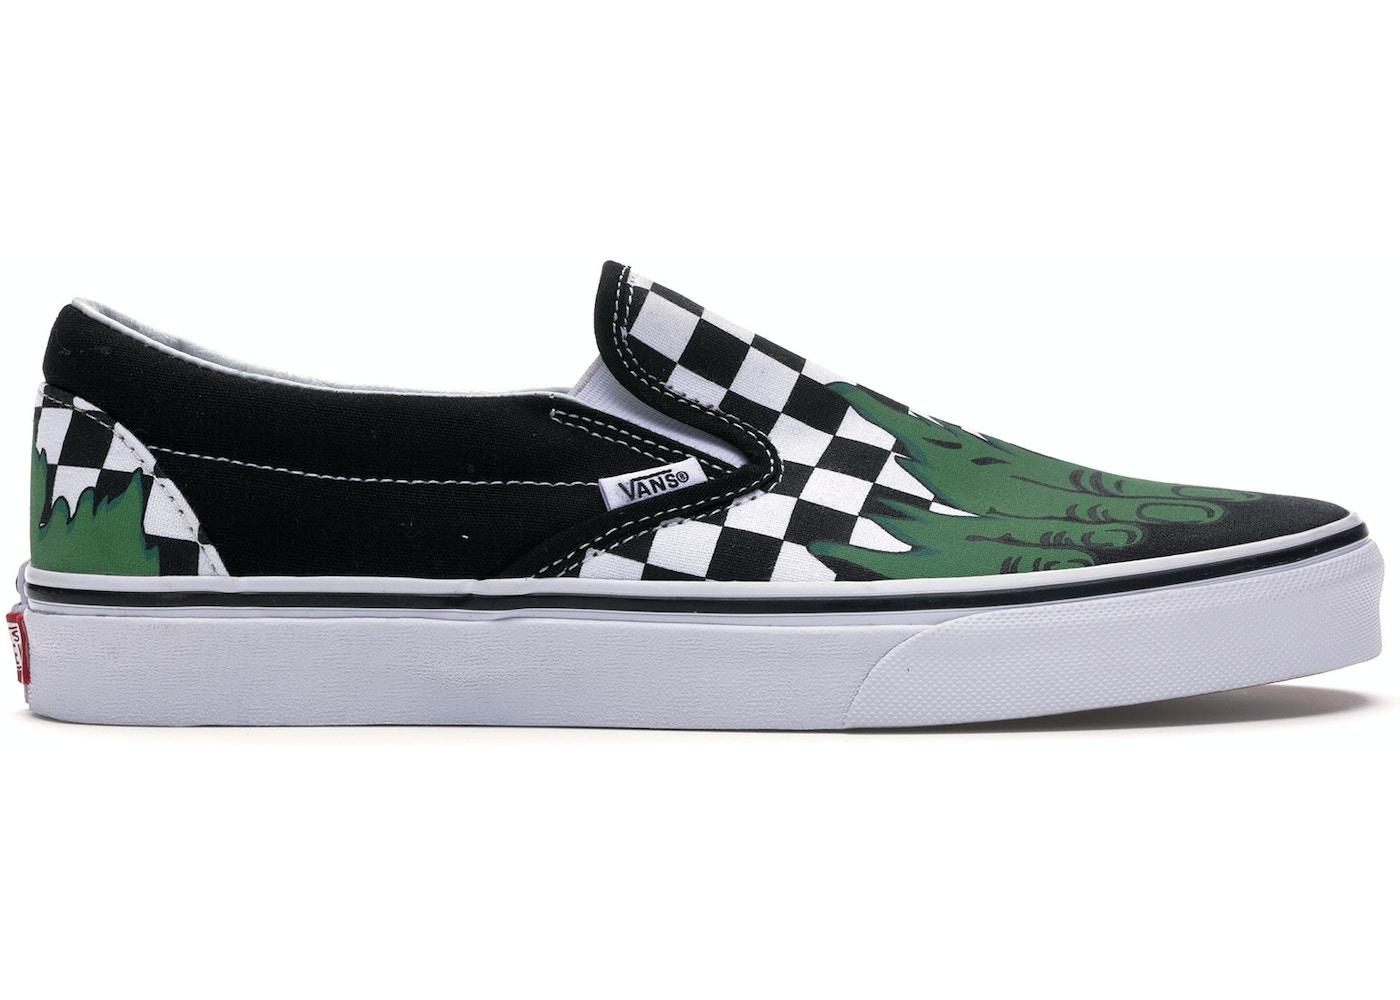 8b3418c4 Vans Footwear - Buy Deadstock Sneakers